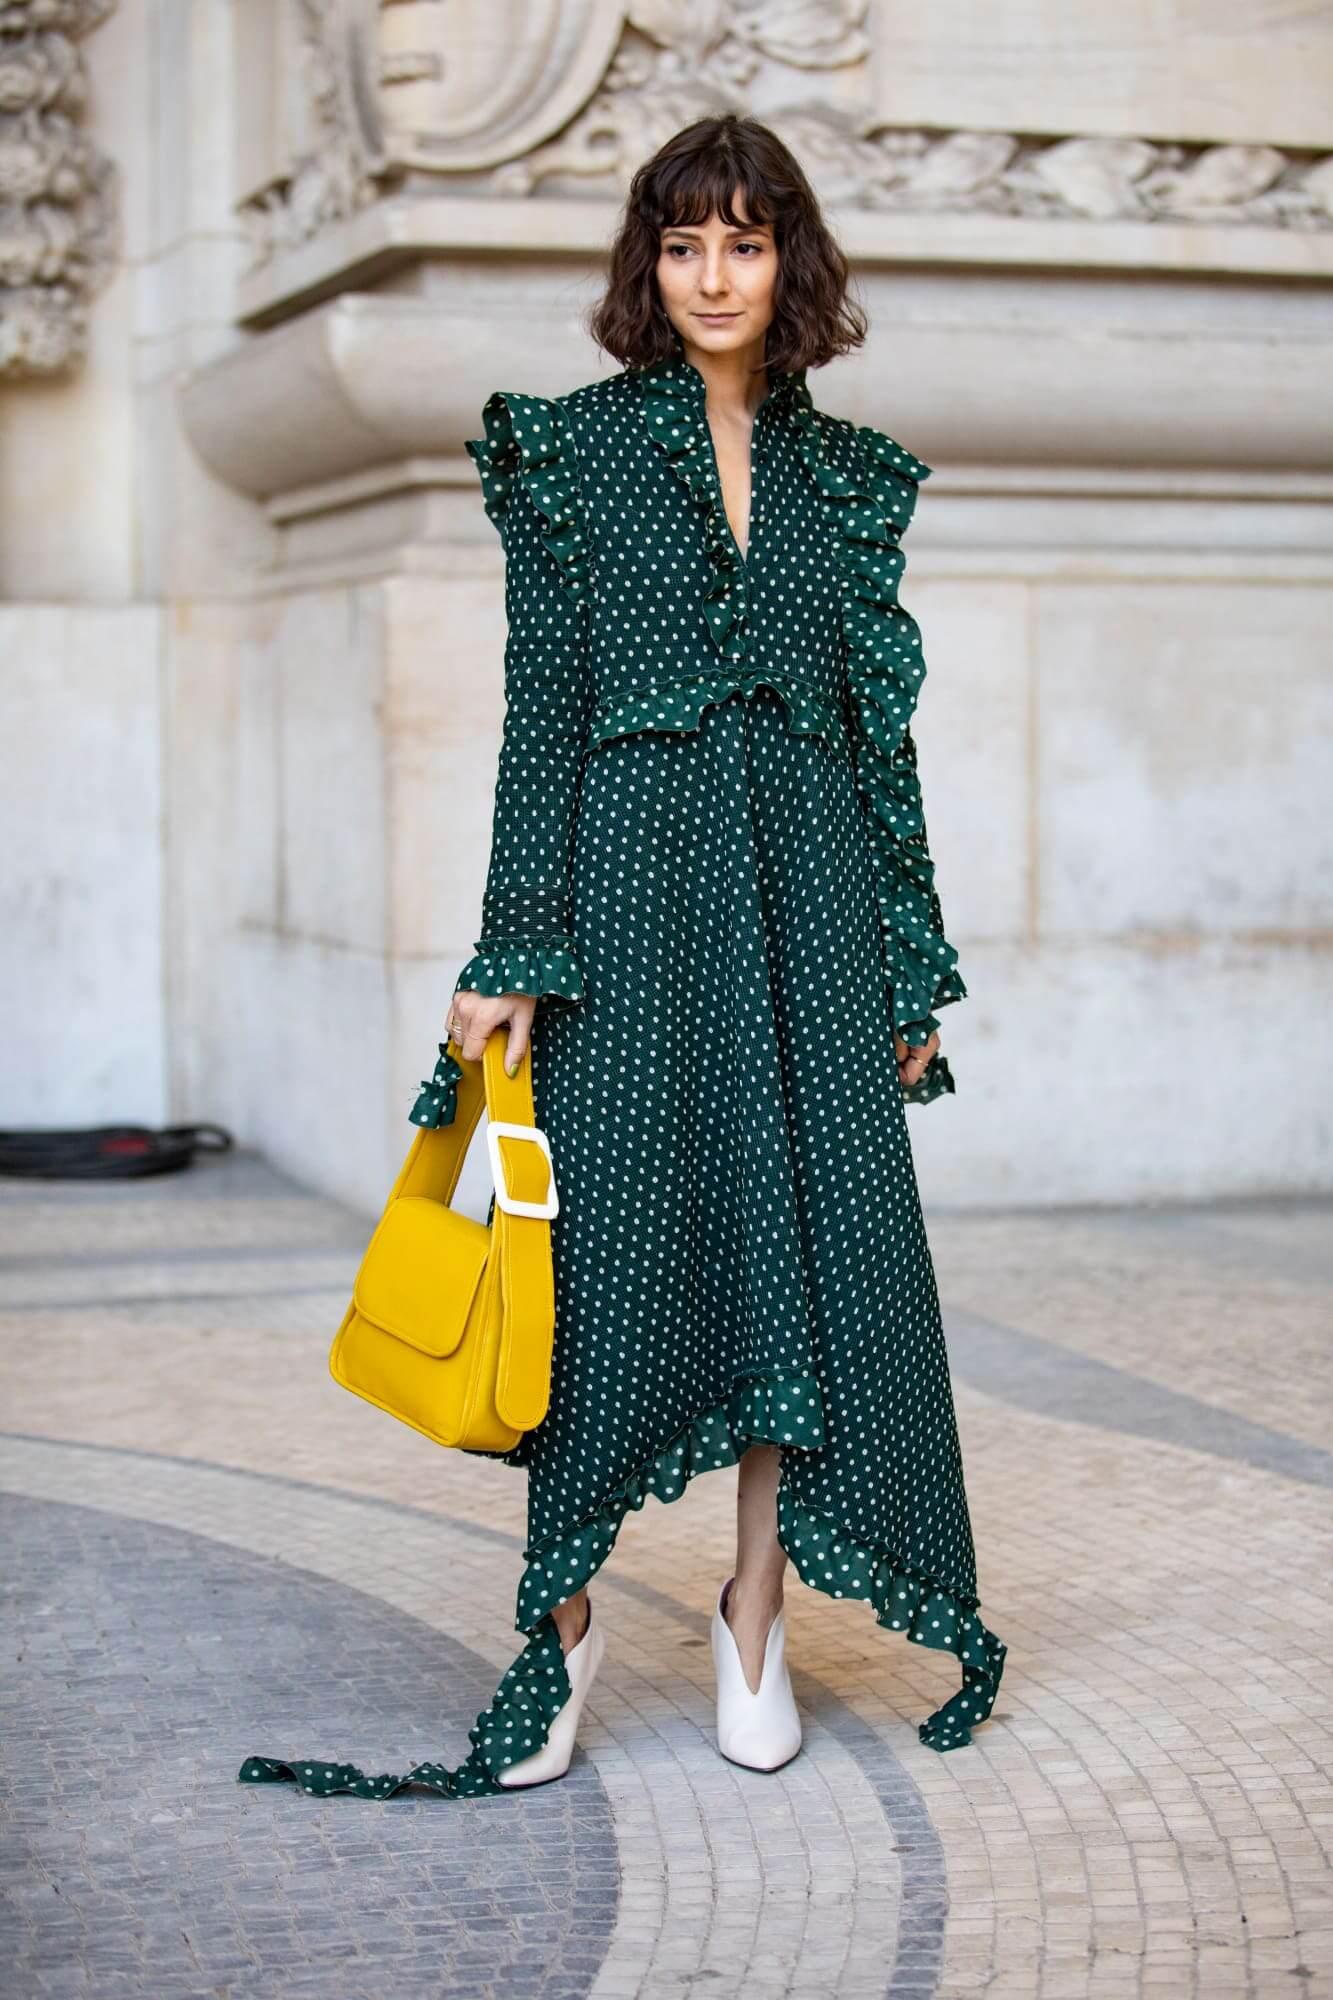 paris-fashion-week-spring-2019-street-style-day-7-101